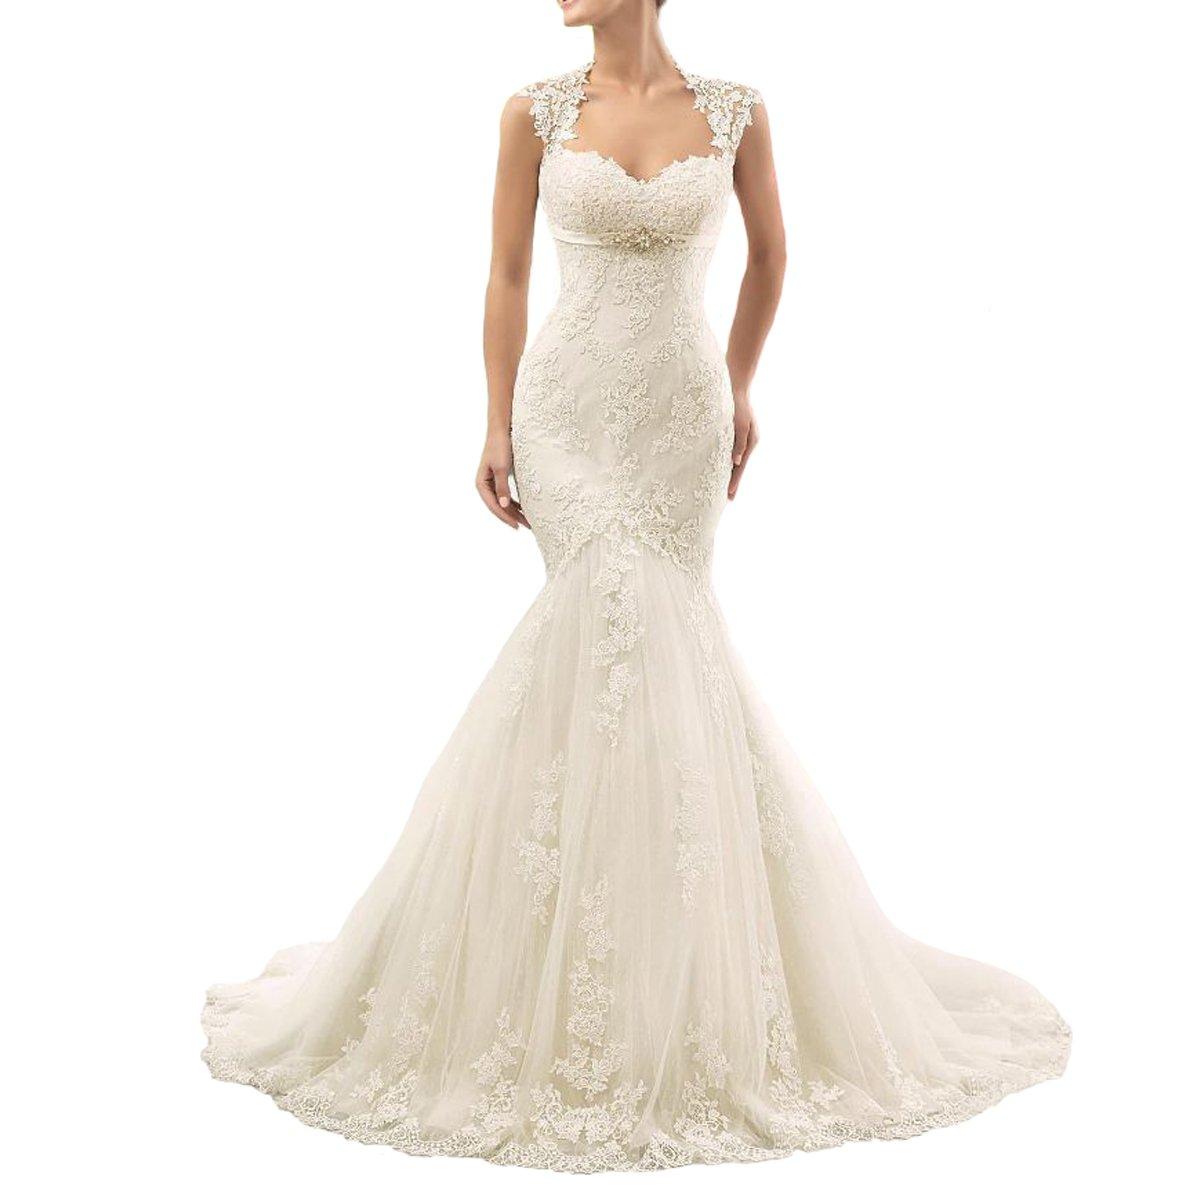 Yuxin Womens Sweetheart Lace Wedding Dresses Long Mermaid Cap